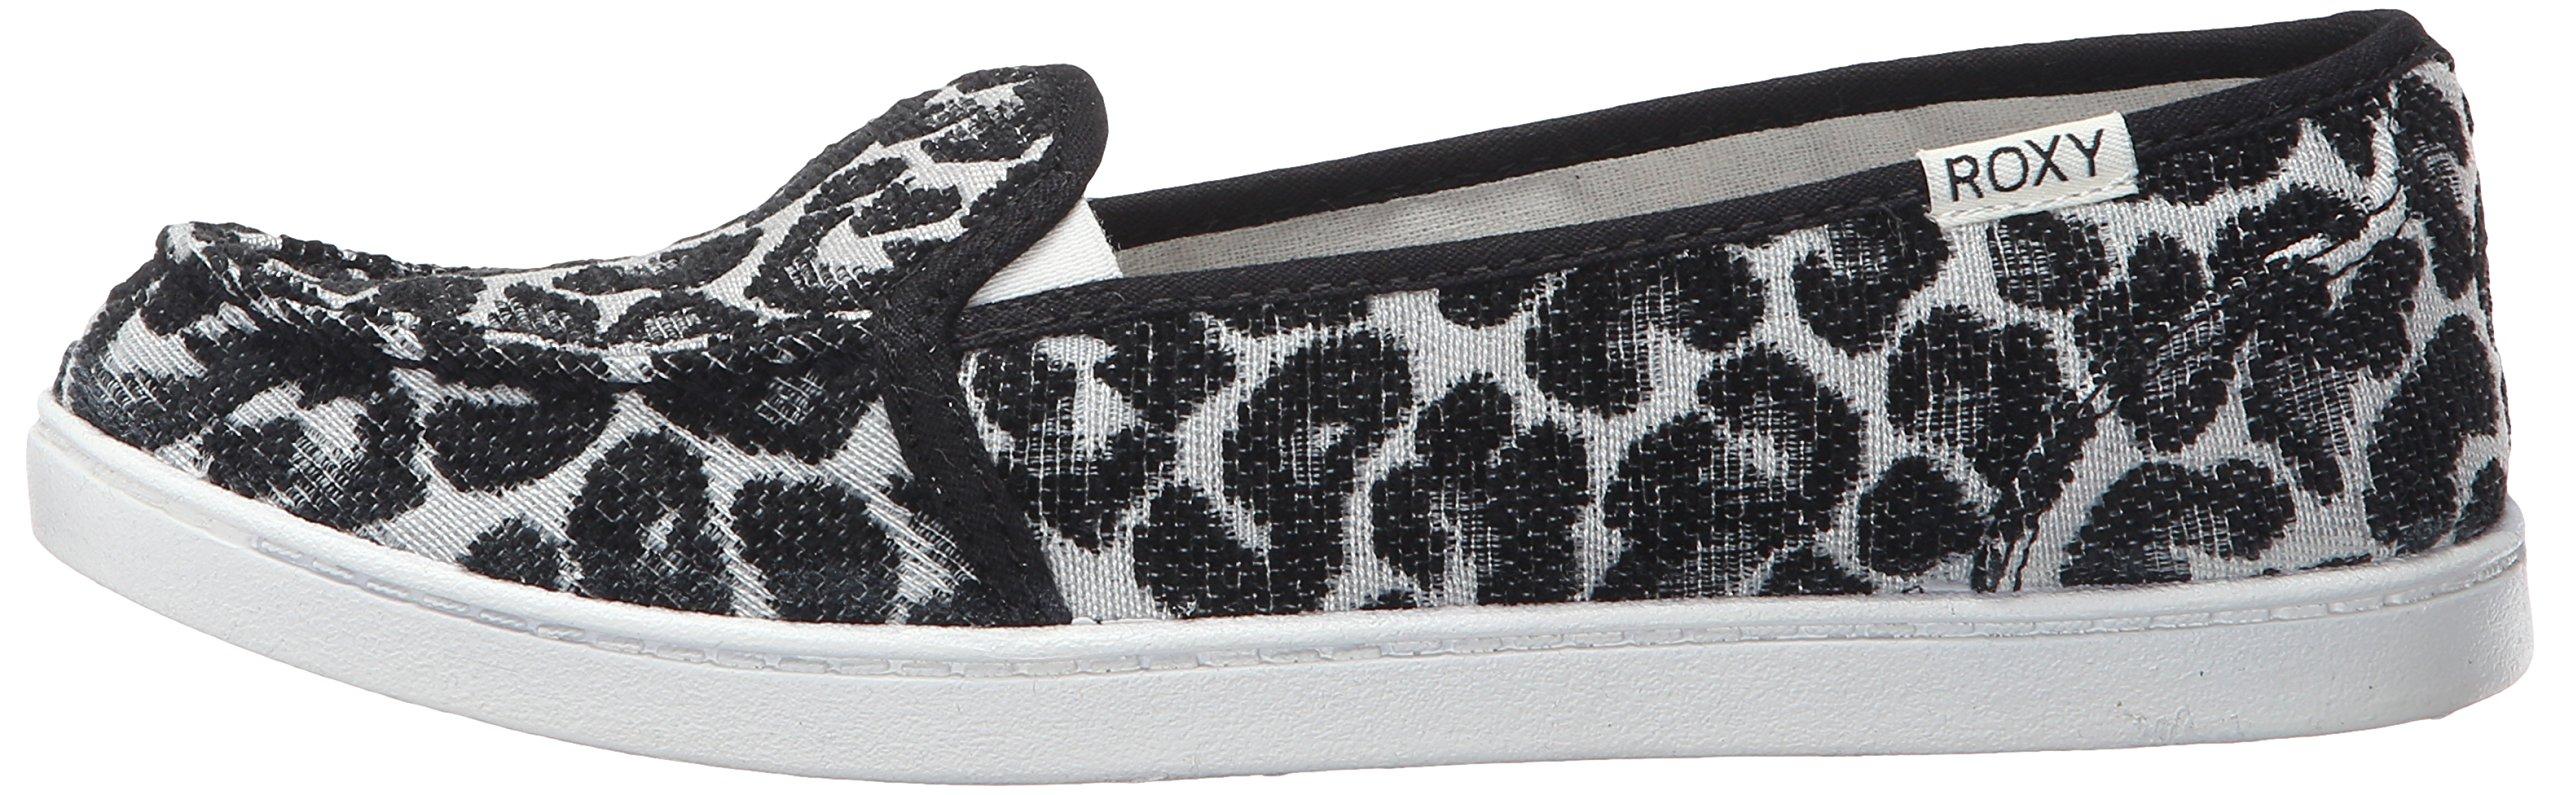 Roxy Women's Lido Iii Slip-on Shoes Flat, Black/Black/Dark Grey, 7 M US by Roxy (Image #5)